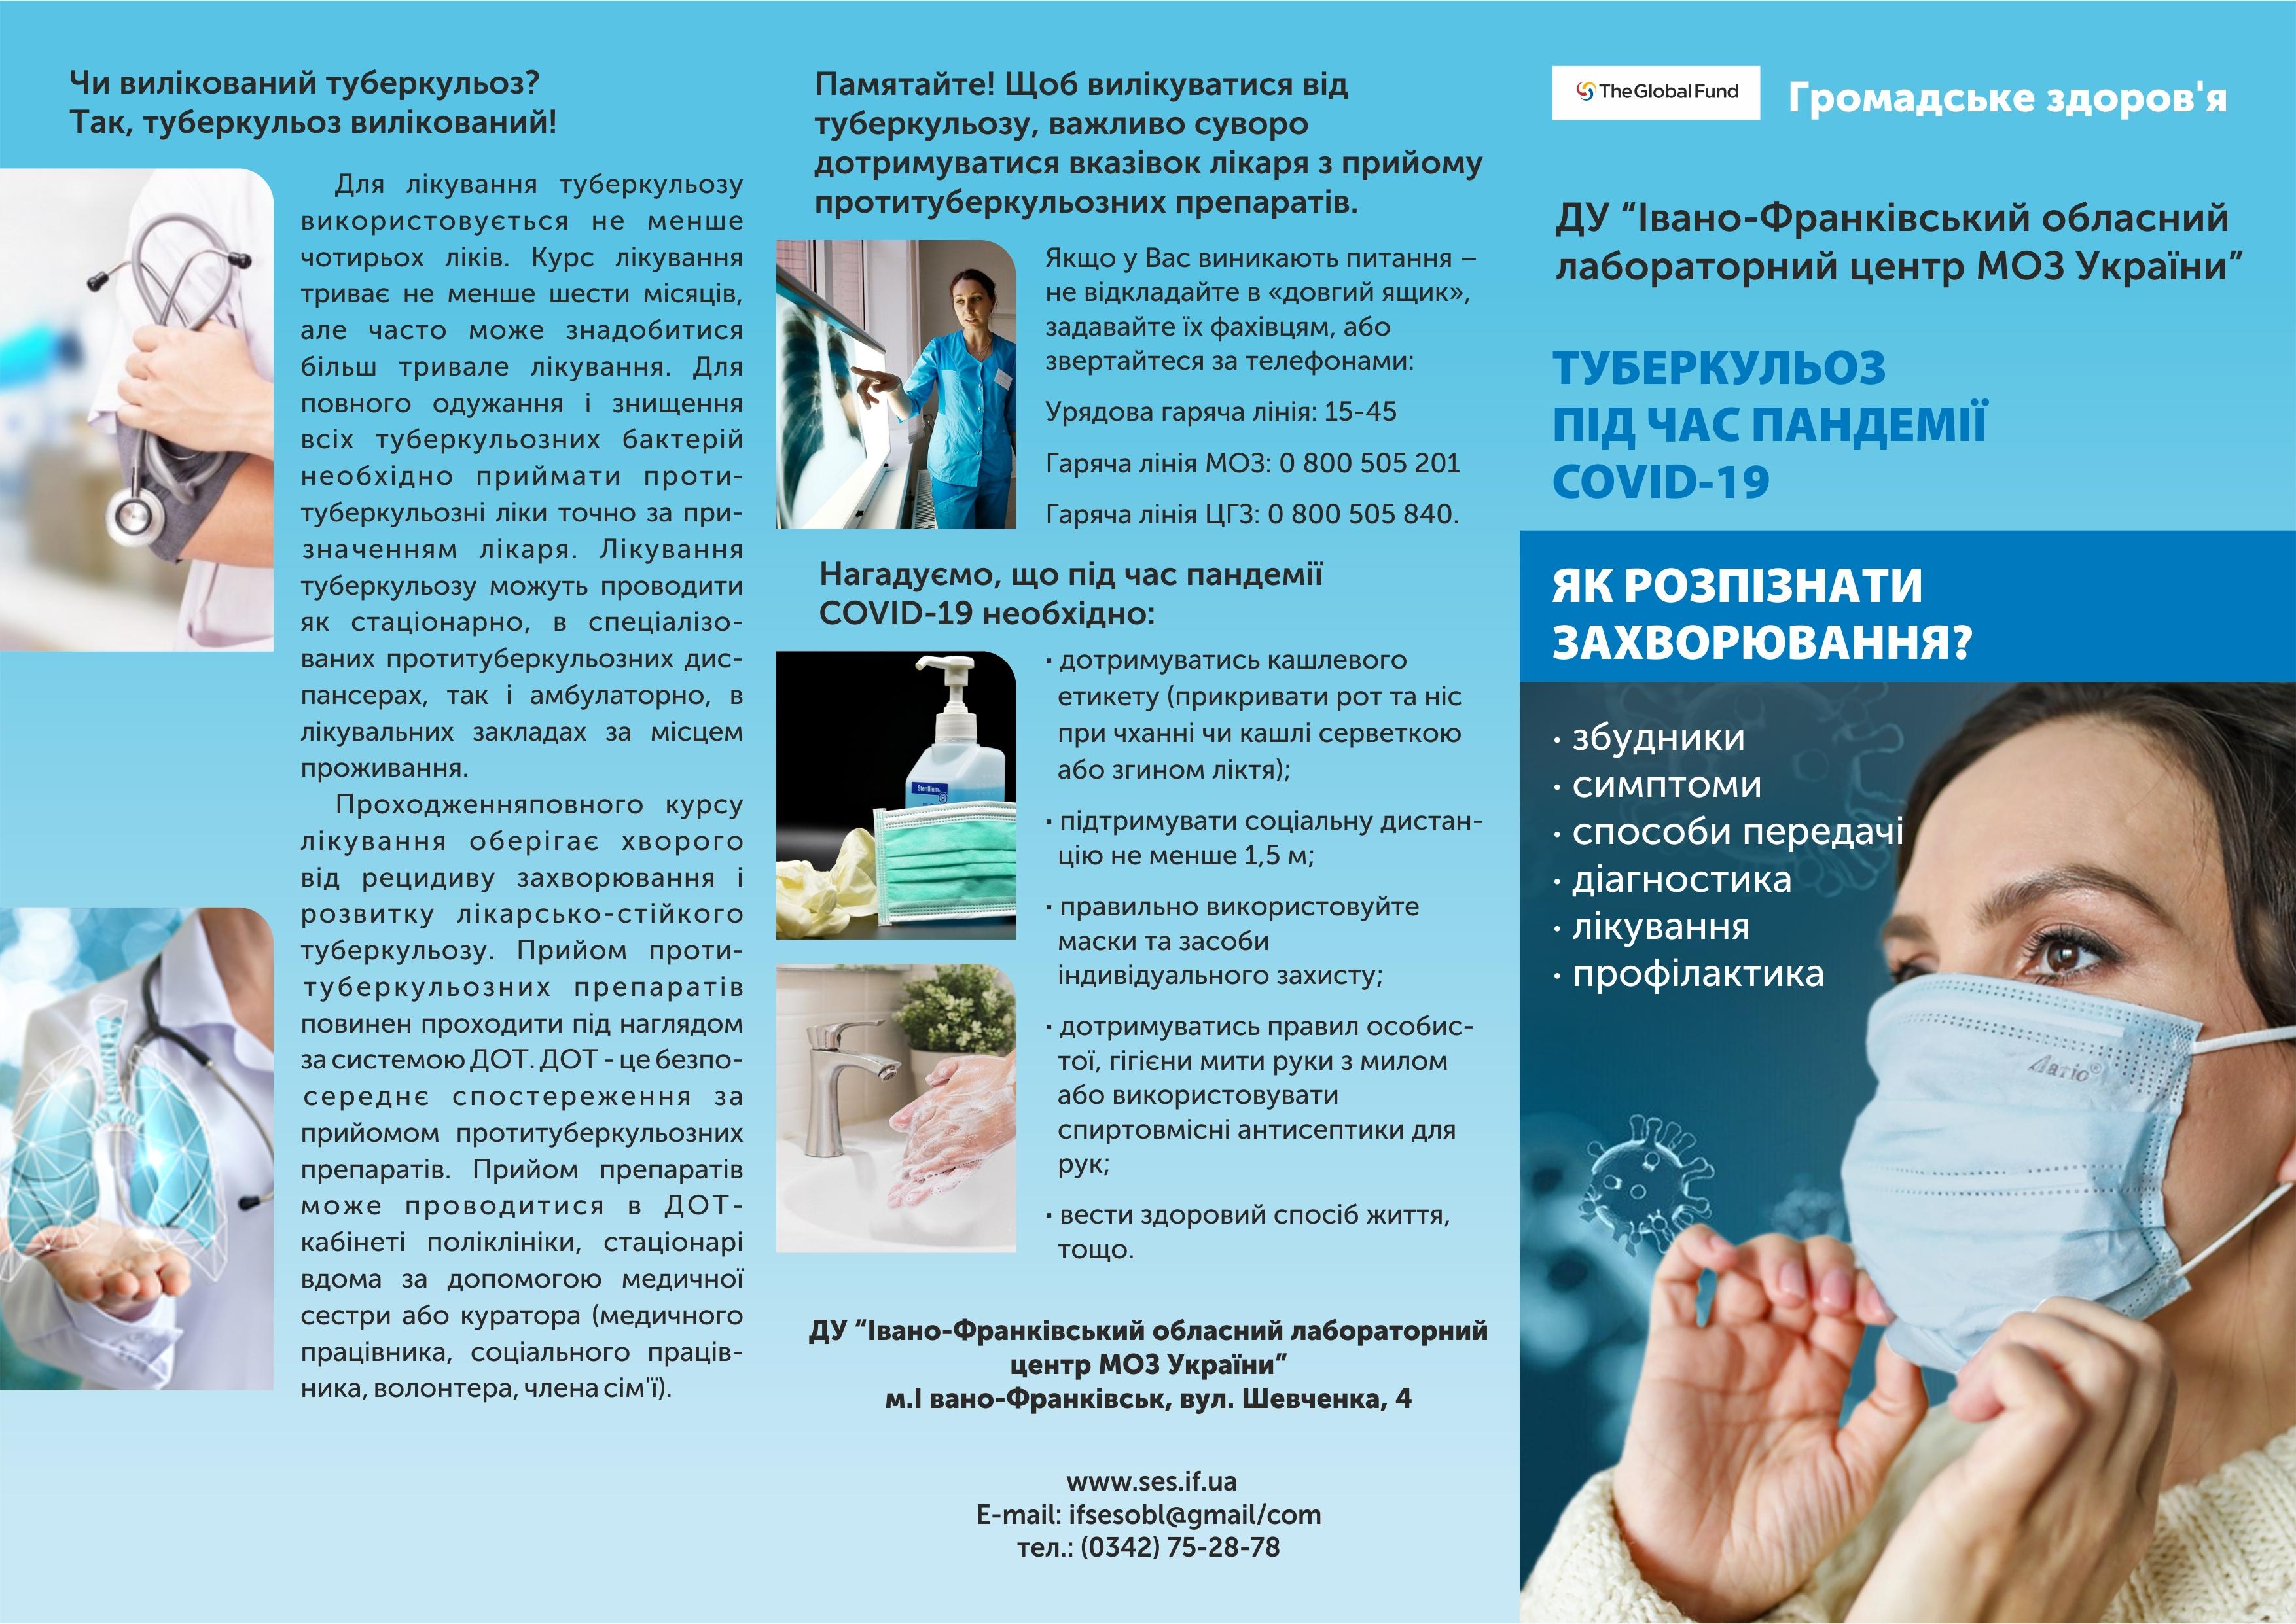 Туберкульоз під час пандемії COVID-19: Як розпізнати захворювання